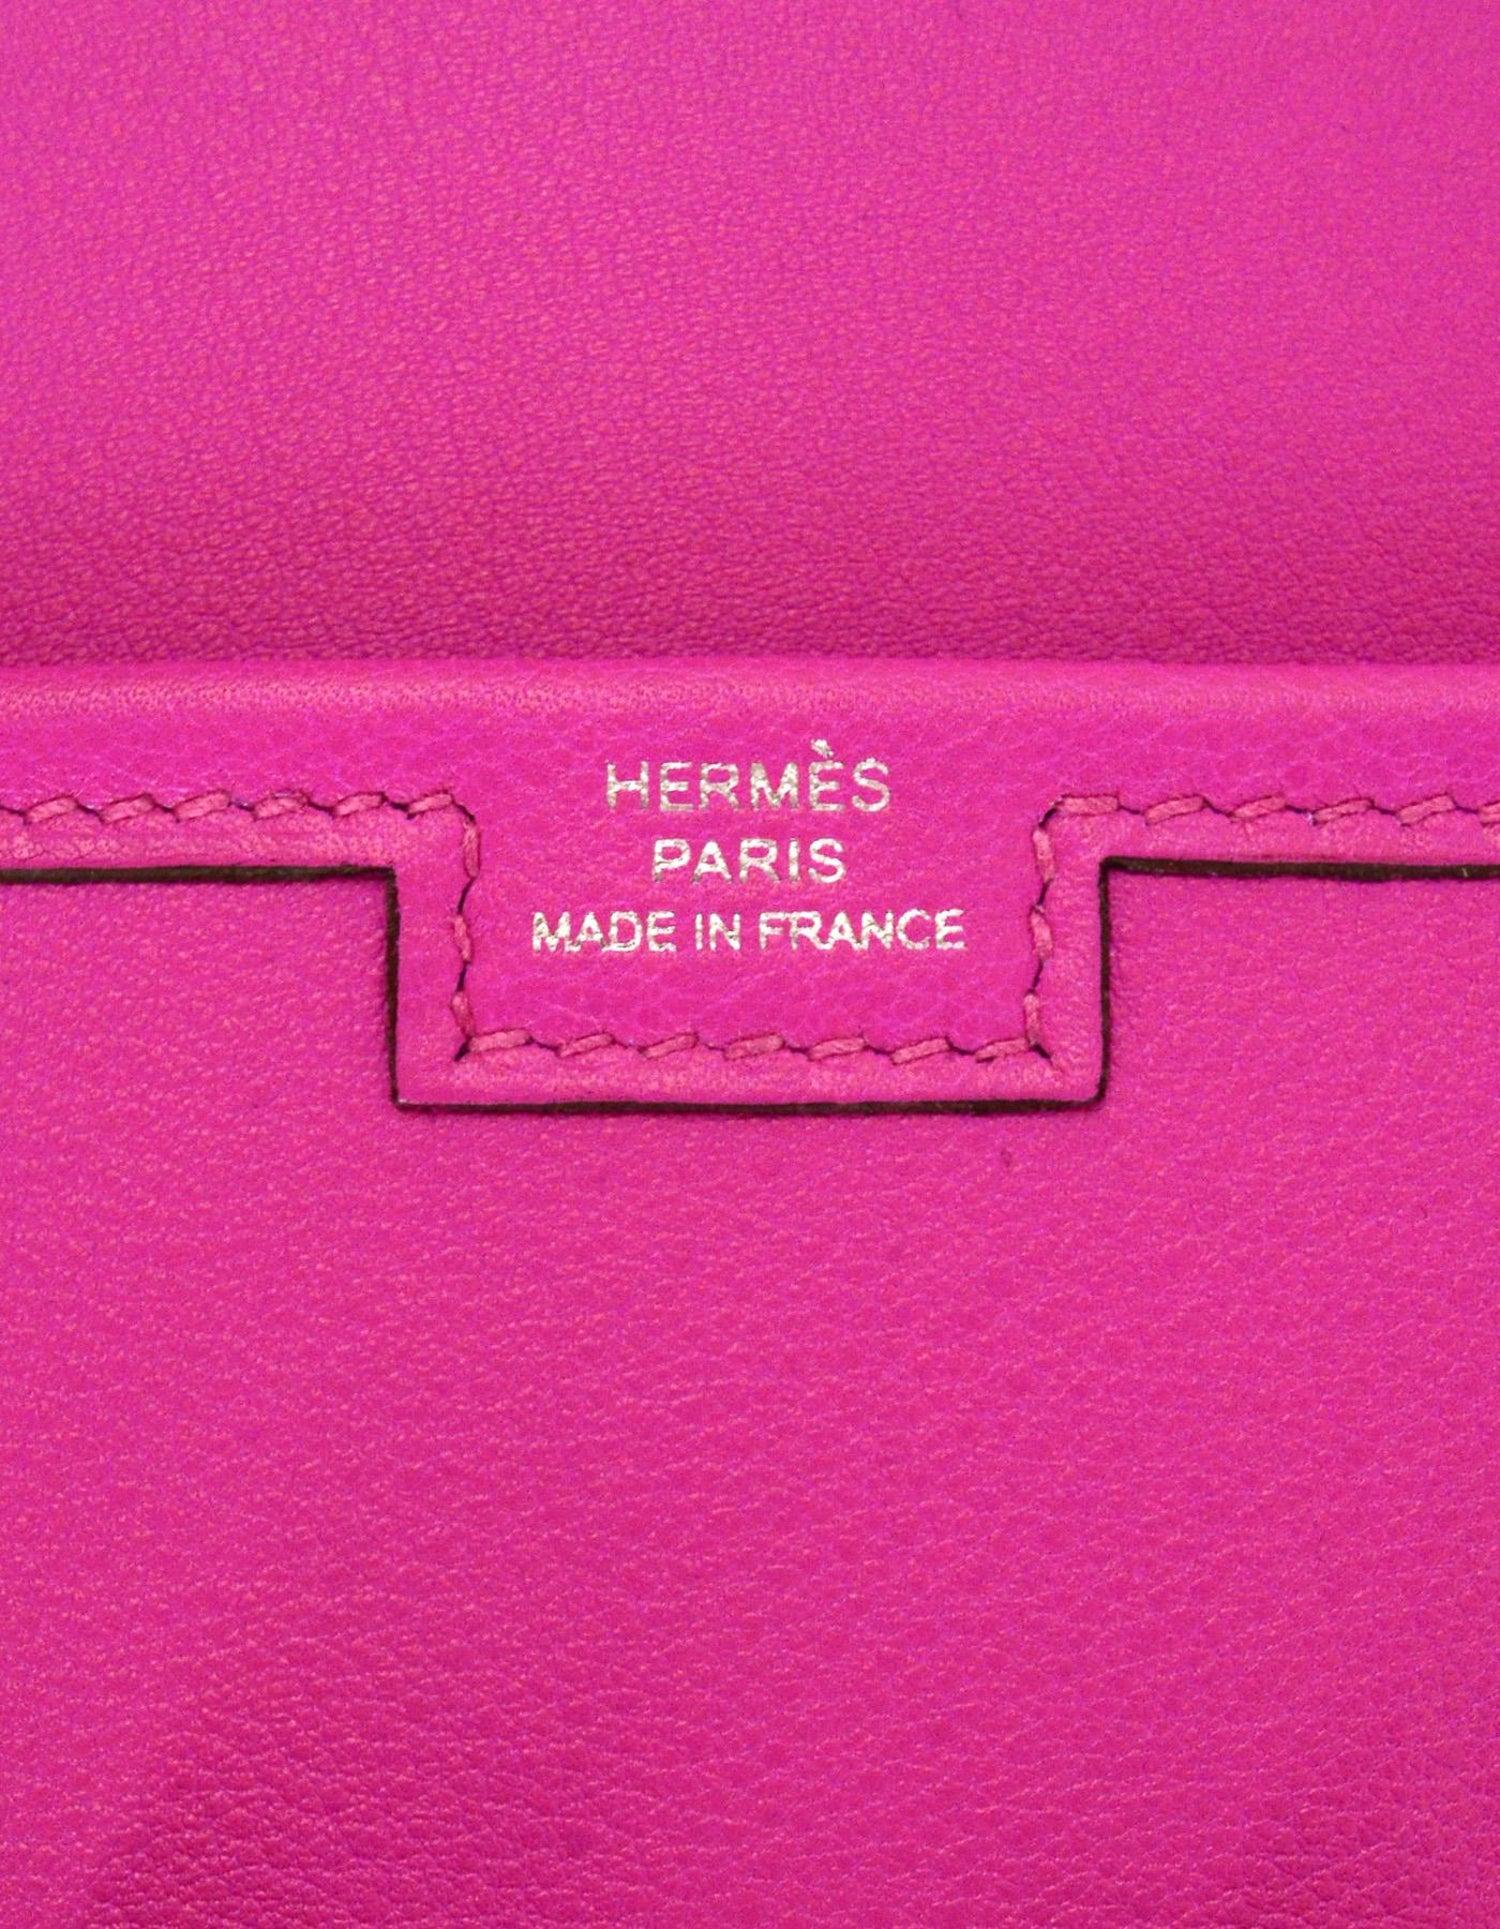 26361a9857c9 Hermes 2018 Magnolia Pink Swift Leather Jige Elan 29cm H Envelope Clutch Bag  at 1stdibs